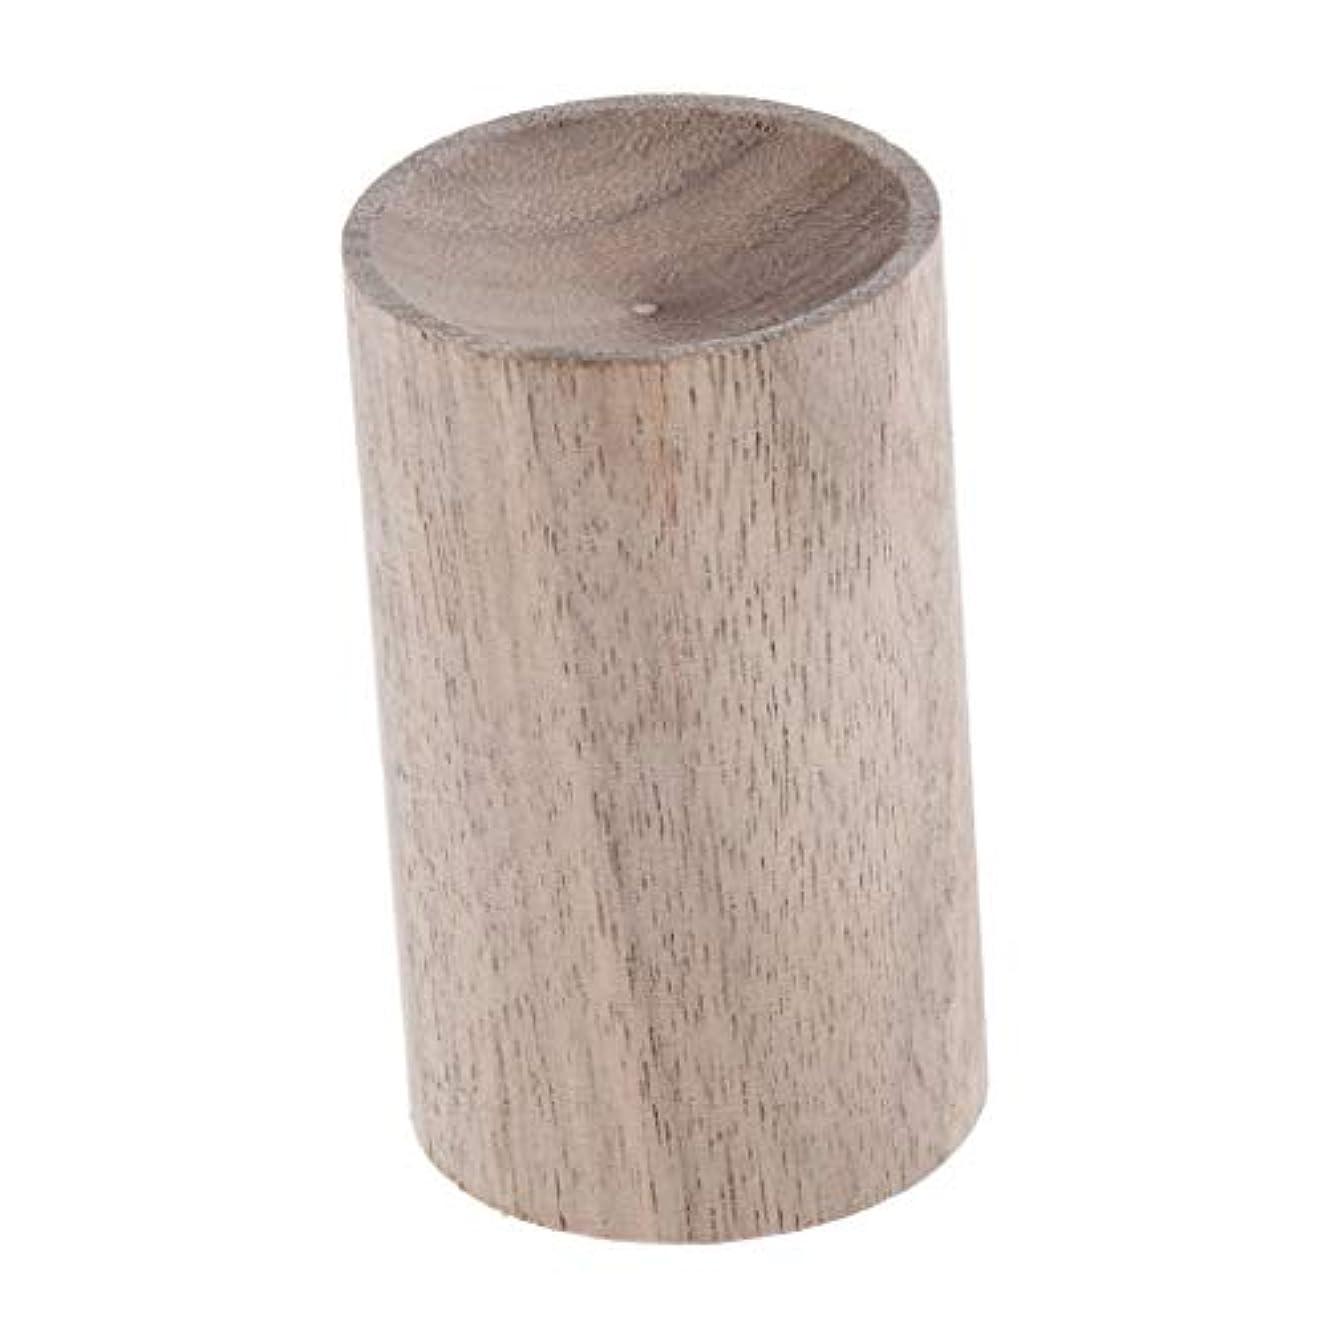 サイクル平和黙認するPerfeclan 天然木 エアフレッシュナー エッセンシャルオイル 香水 アロマディフューザー 使いやすい 2種選ぶ - 02, 3.2cm